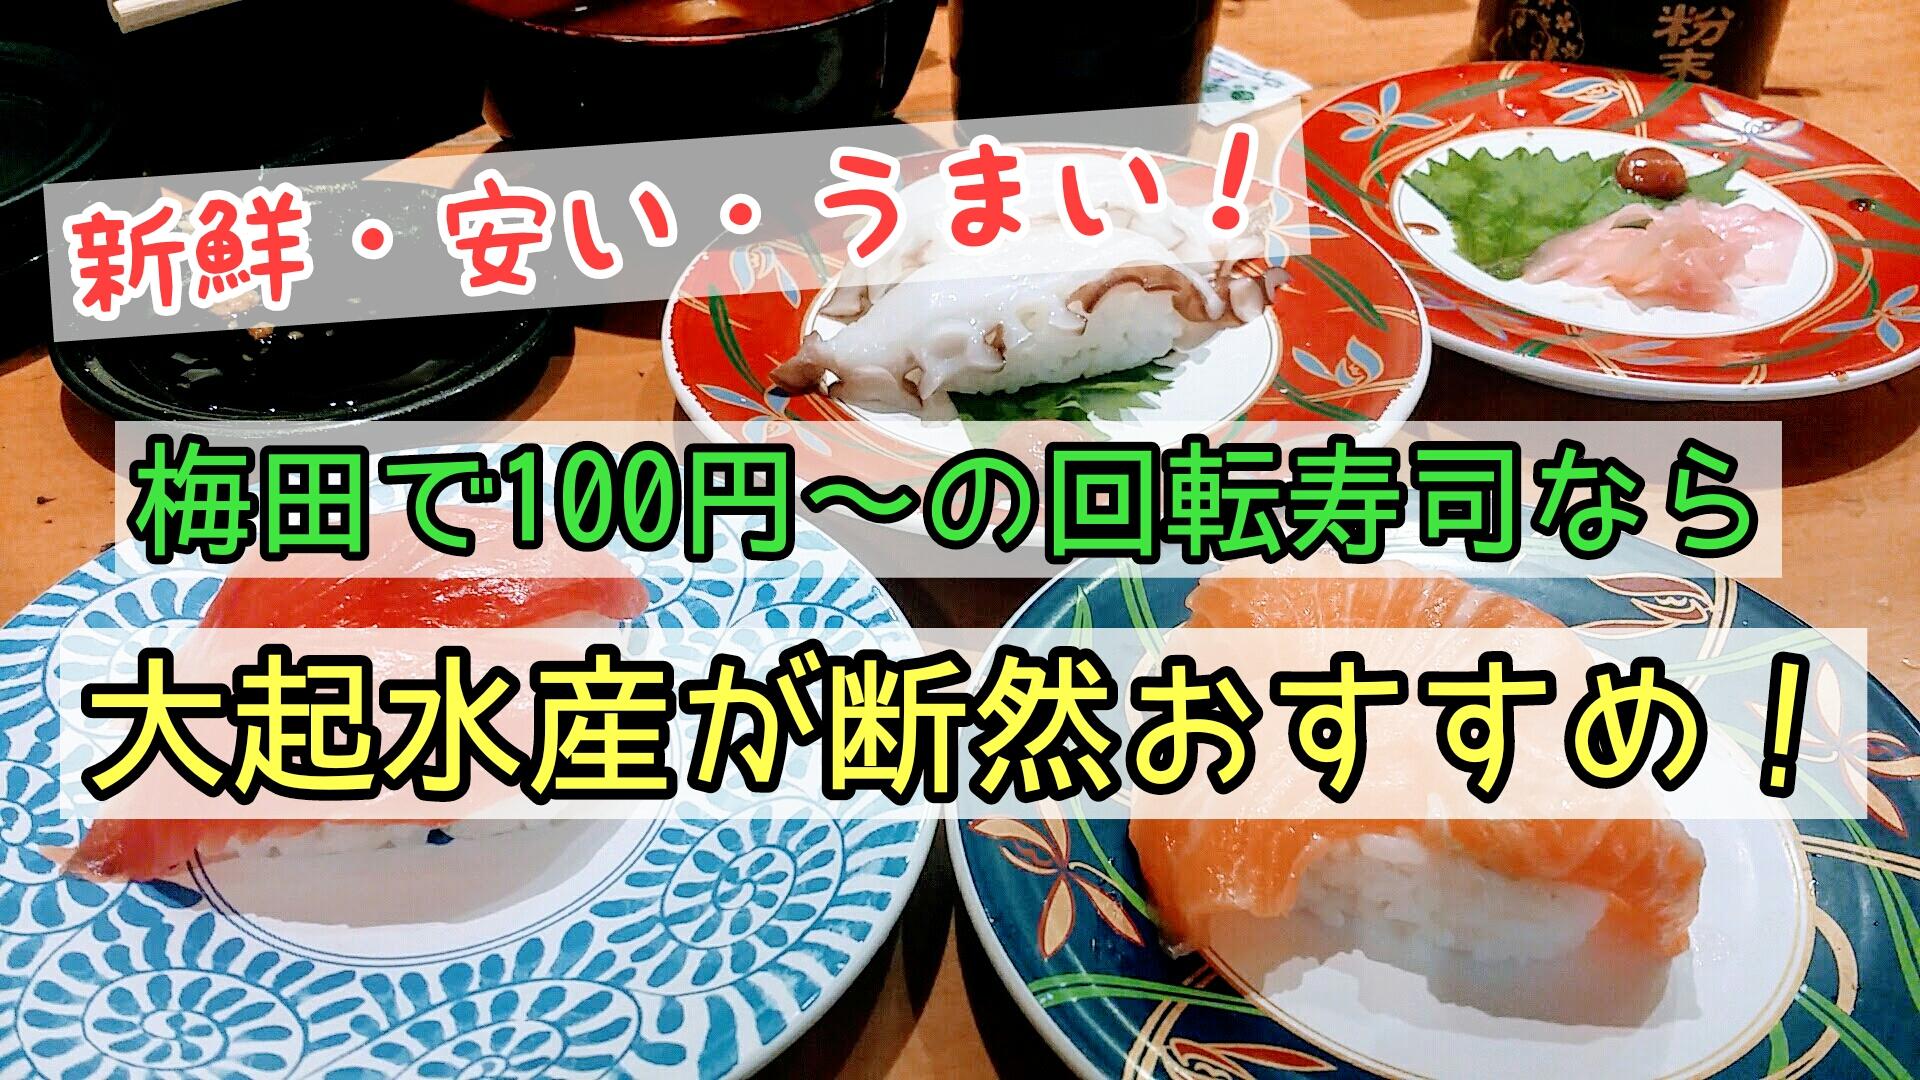 梅田回転寿司「大起水産」メニュー